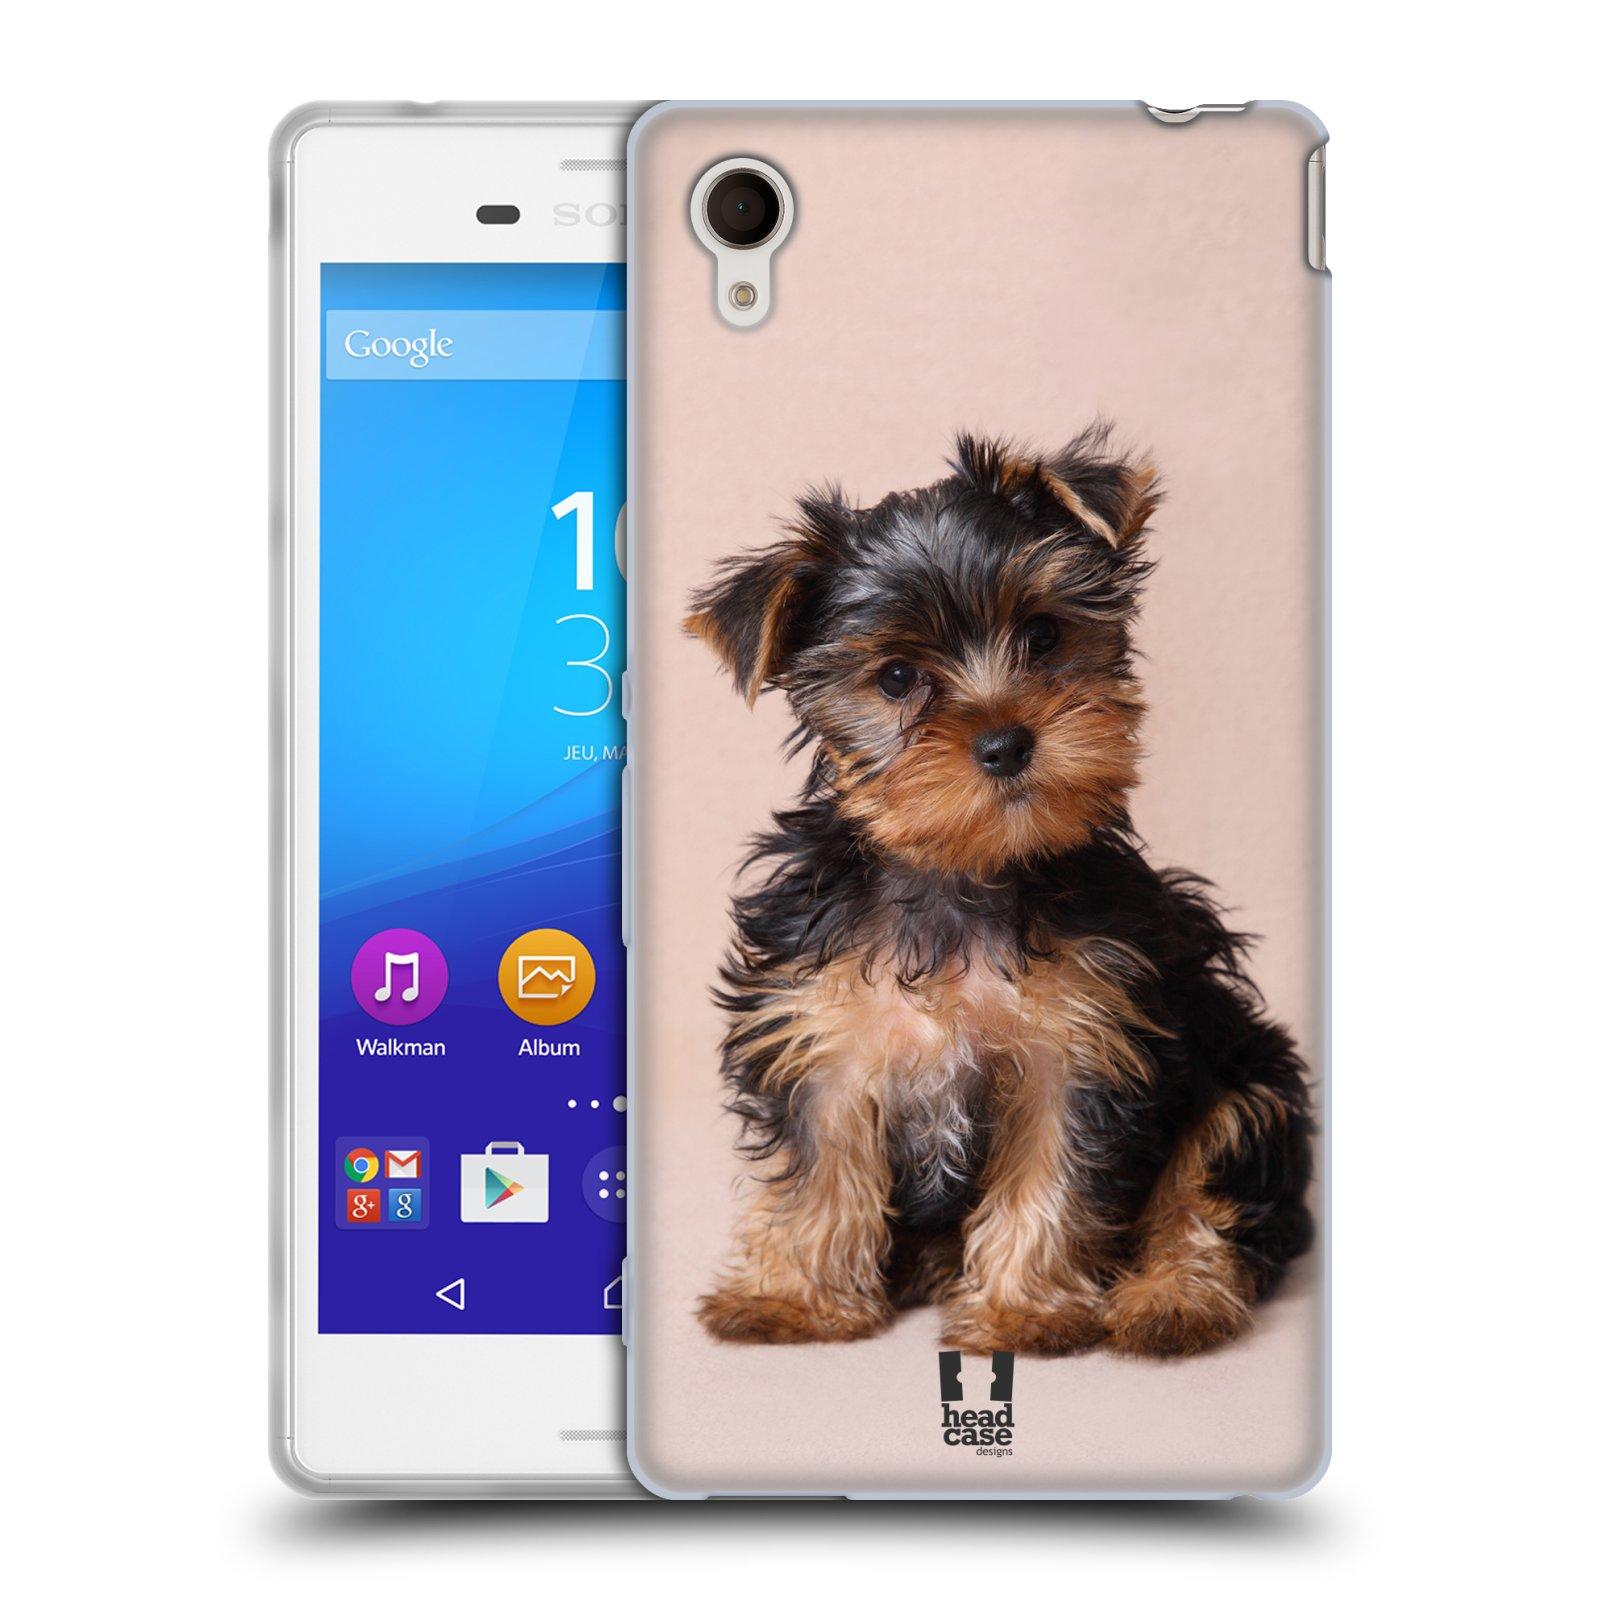 Silikonové pouzdro na mobil Sony Xperia M4 Aqua E2303 HEAD CASE YORKŠÍR (Silikonový kryt či obal na mobilní telefon Sony Xperia M4 Aqua a M4 Aqua Dual SIM)